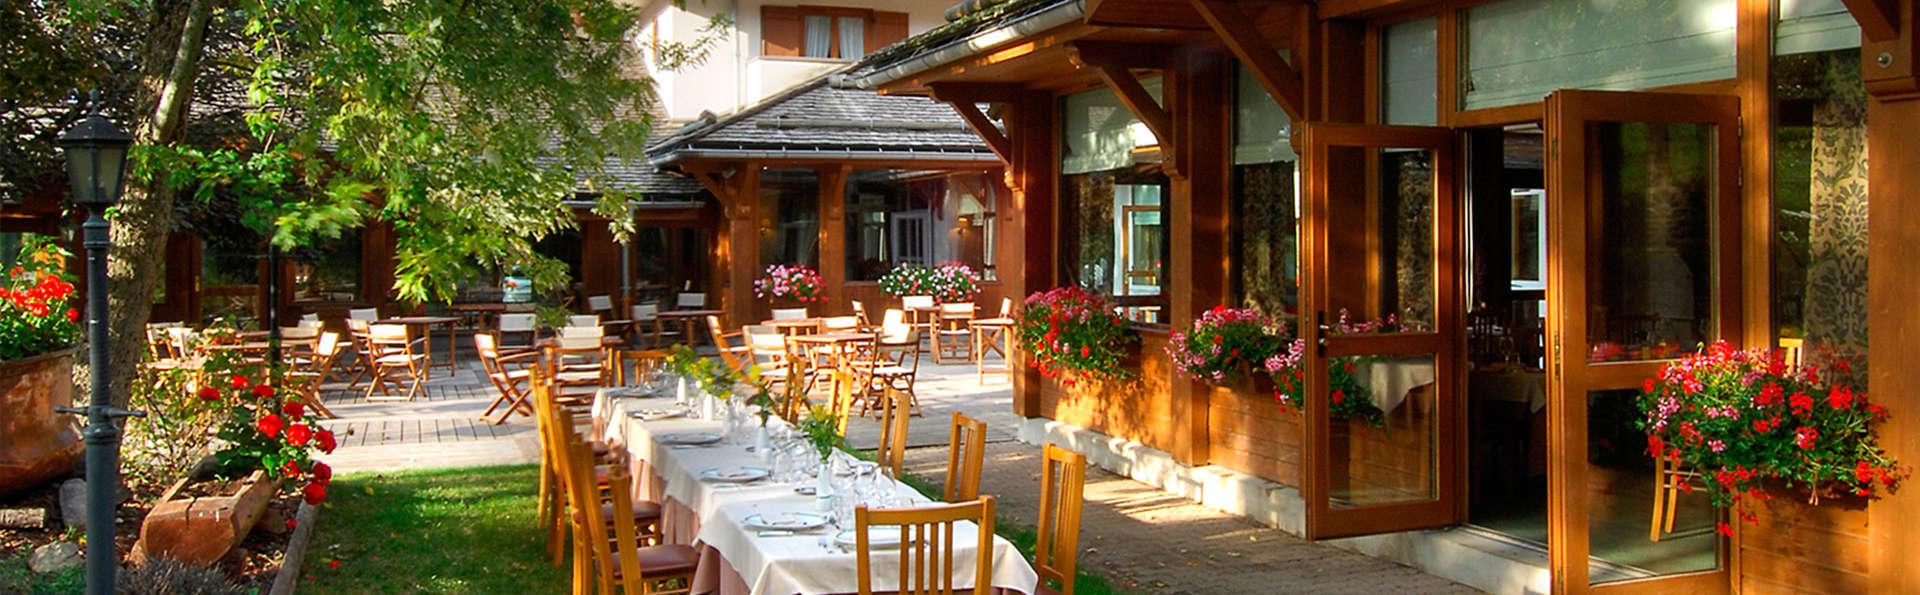 Détendez-vous dans un hôtel de charme avec un dîner 4 plats au coeur de la Clusaz